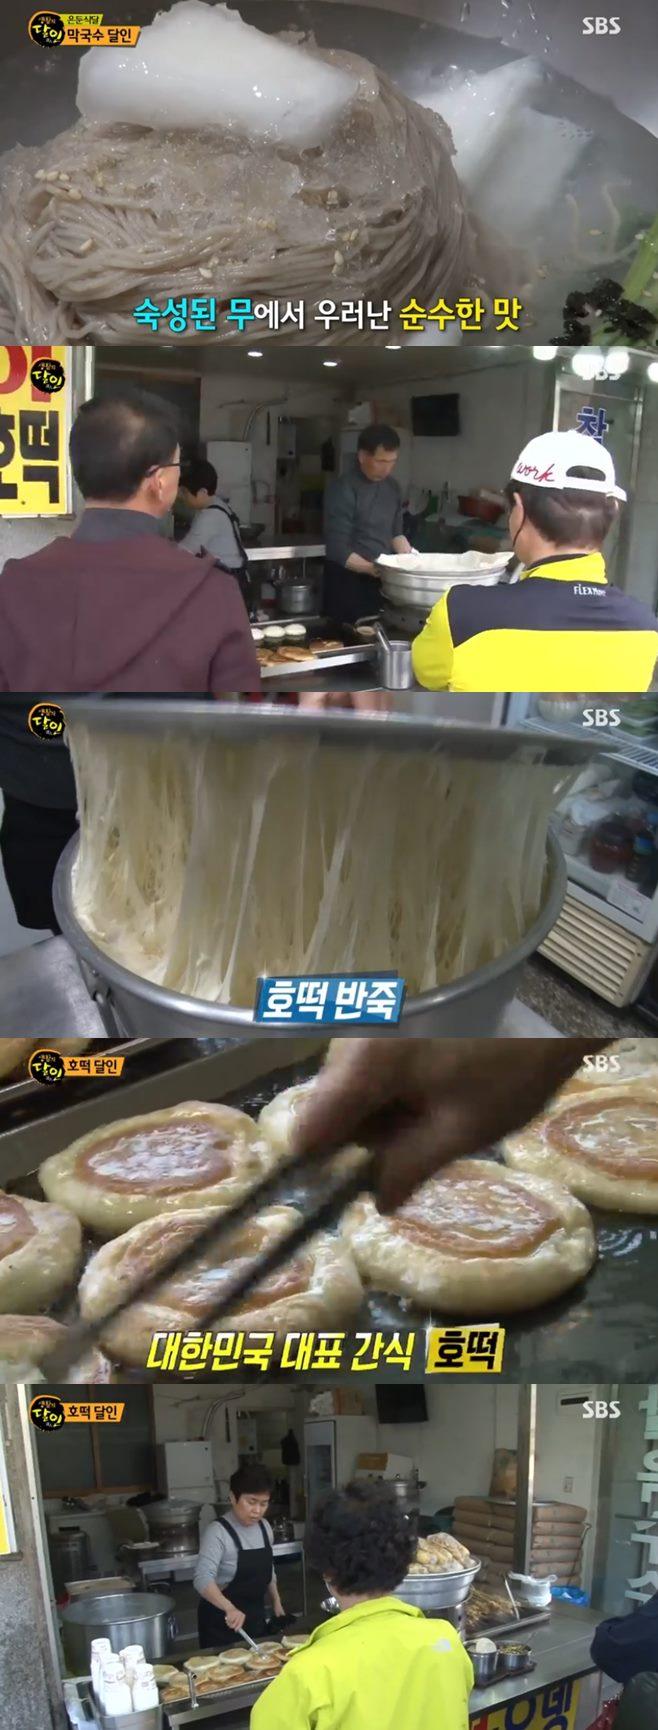 '생활의 달인' 평택 호떡 달인 맛조아호떡 막국수 달인 고성막국수 맛집 종이비행기 달인